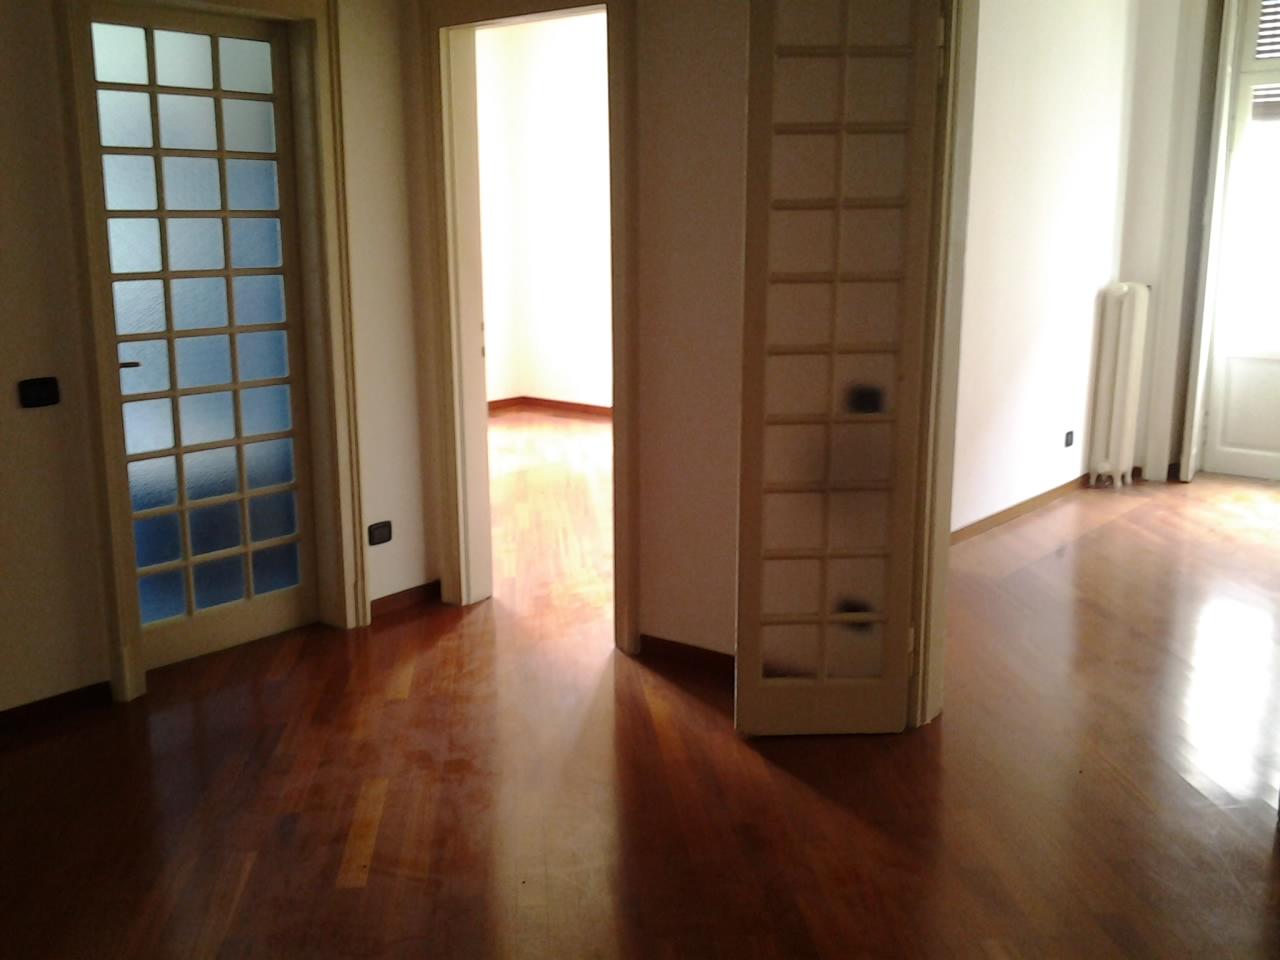 Immobiliare olivati bergamo affitto quadrilocale for Affitto appartamento bergamo centro